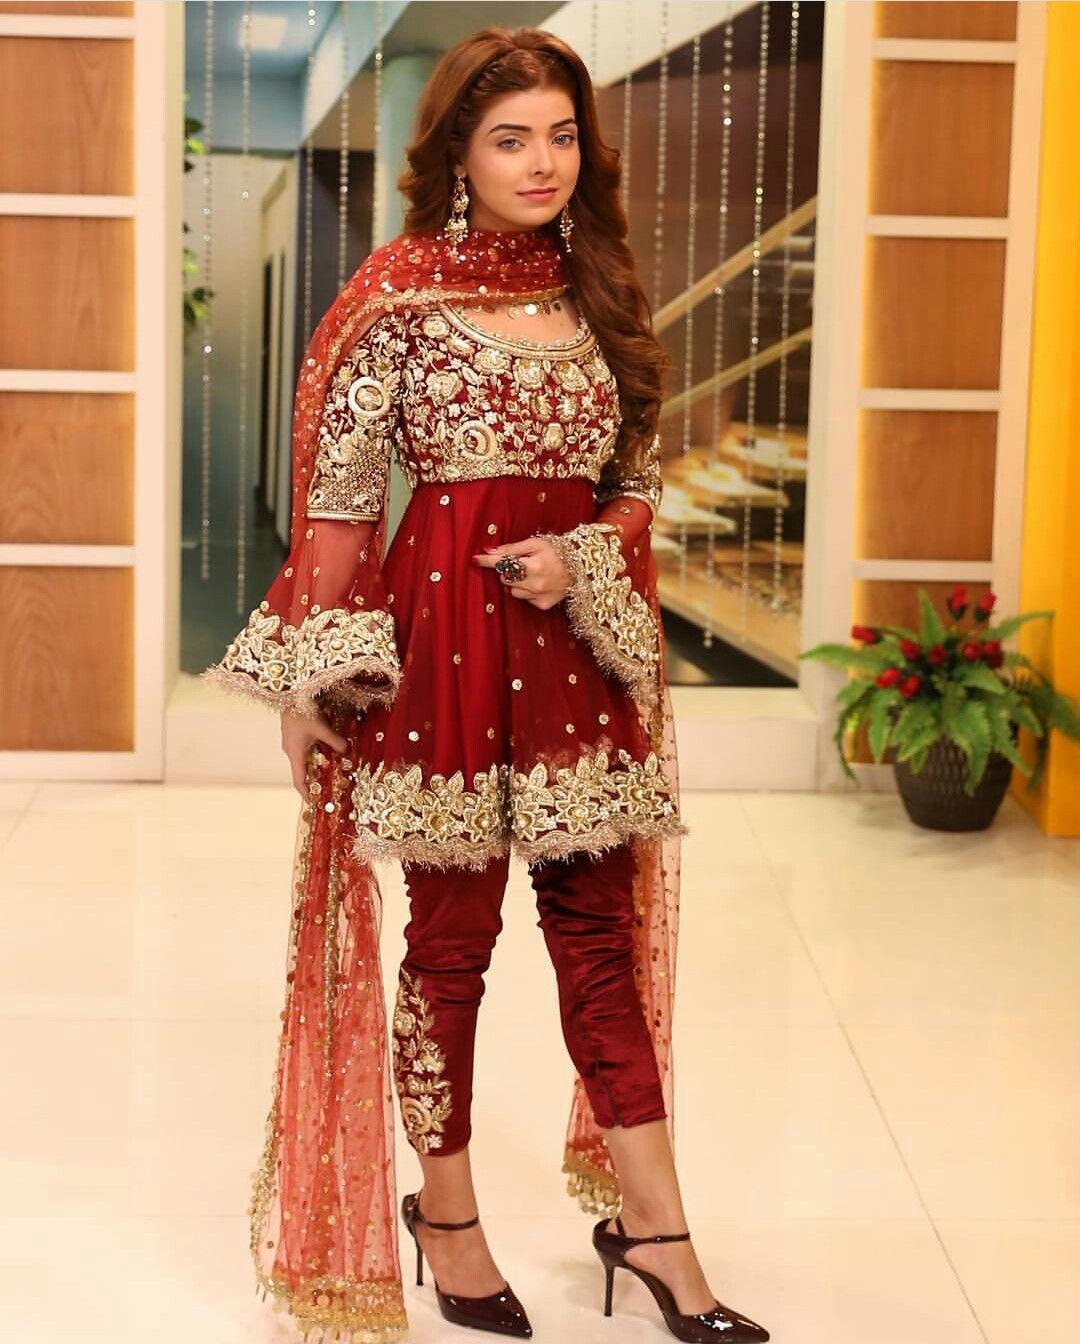 Pin by sahira khan on pakistani clothes pinterest pakistani